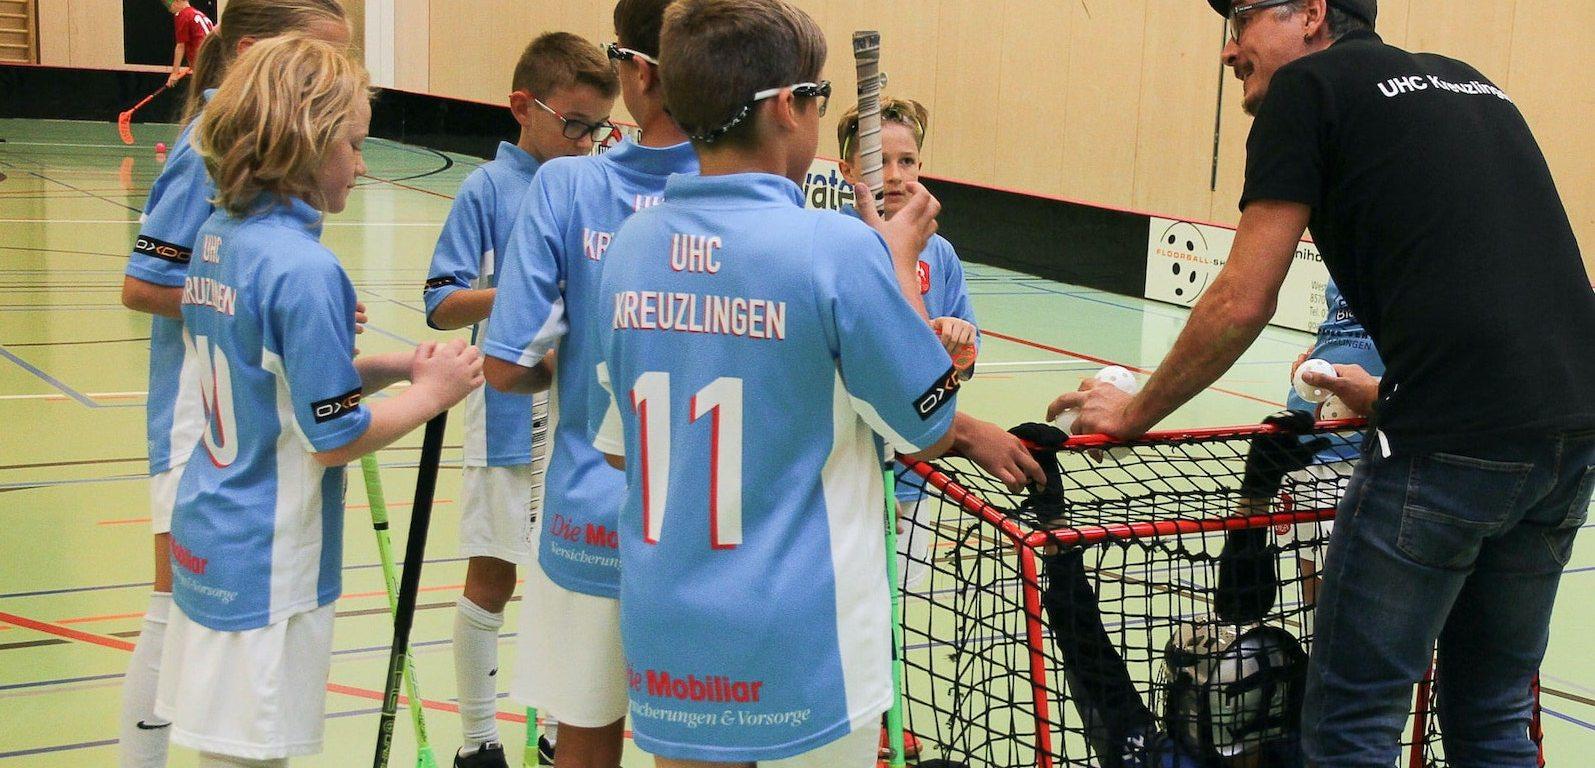 Das Training des UHC Kreuzlingen für alle Jugendmannschaften wird am 1. März 2021 nach dem Entscheid des Bundesrats wieder aufgenommen. Foto: Bettina Schnerr